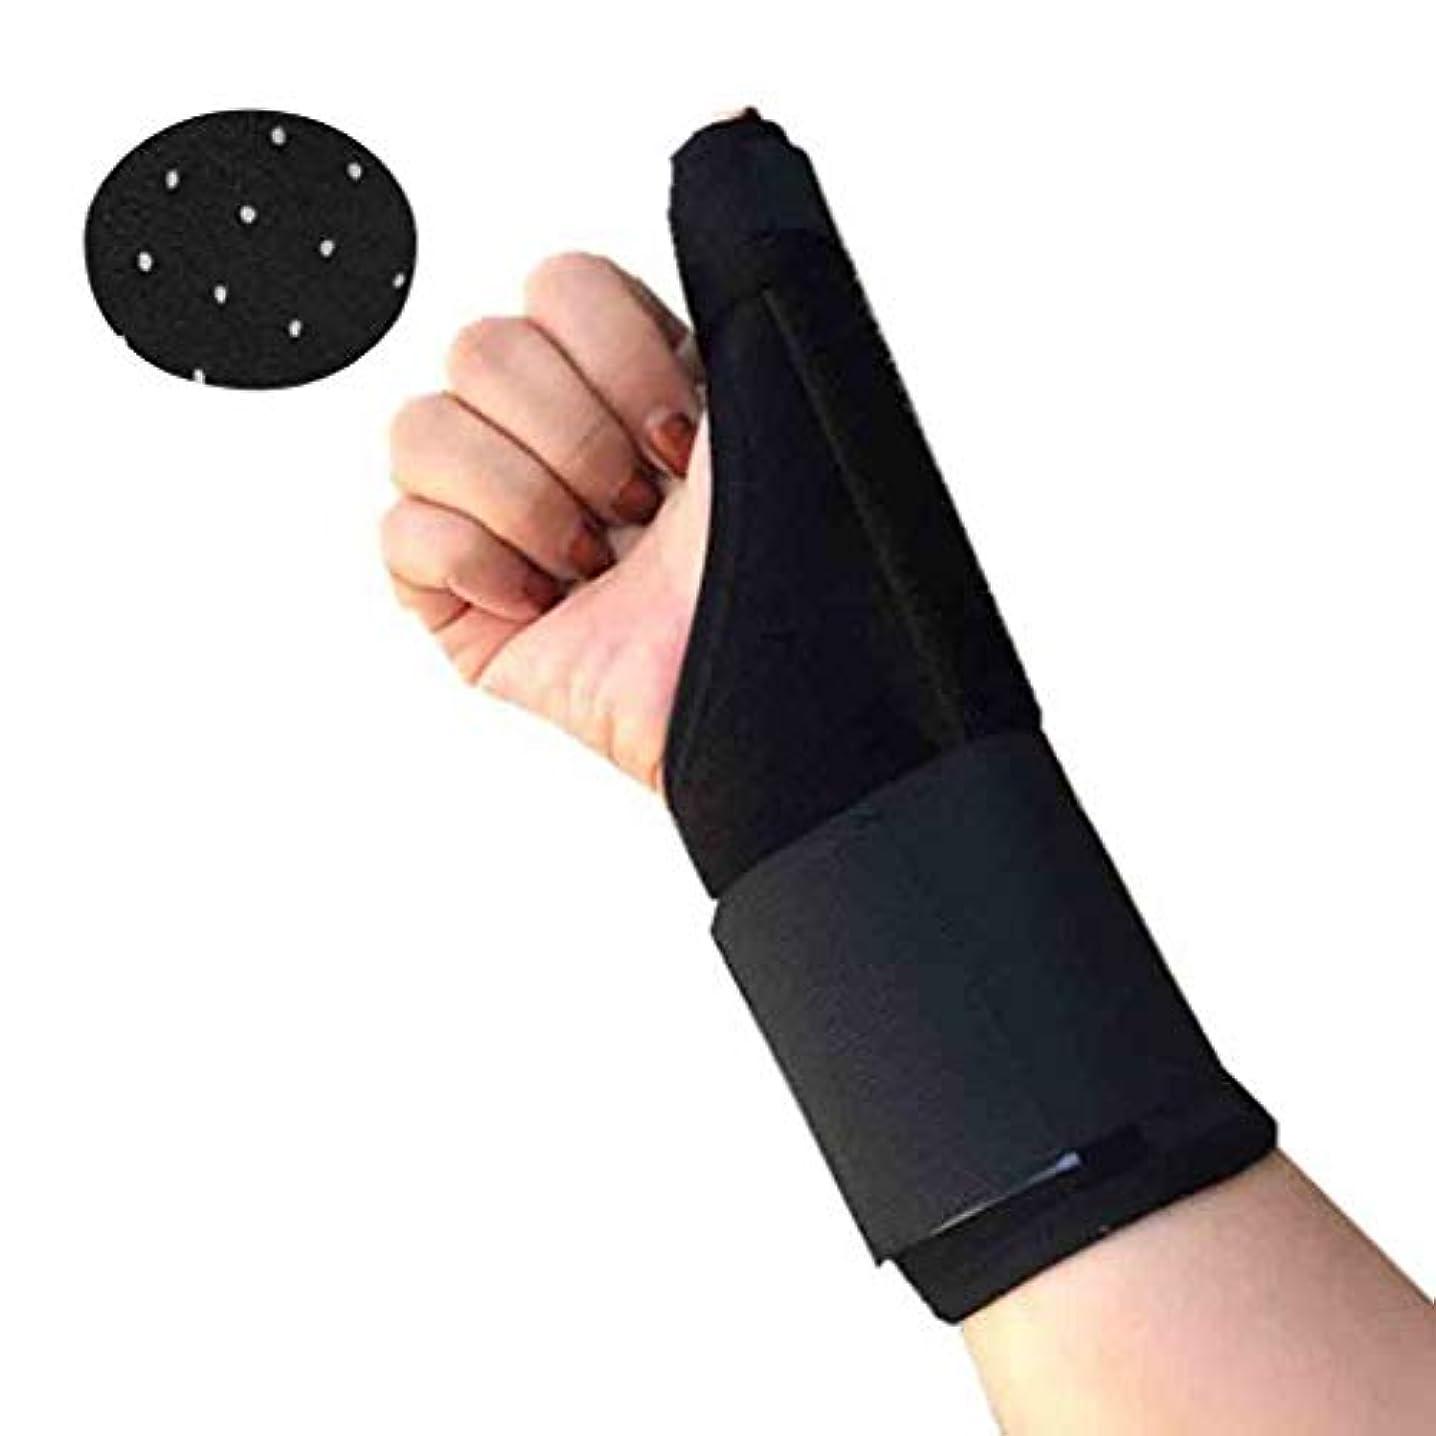 その後どんよりした葉っぱ関節炎のThumbスプリントは、手根管トンネルのThumb関節Thumbブレースを固定する手首の痛みの救済は、右手と左手の両方にフィット Roscloud@